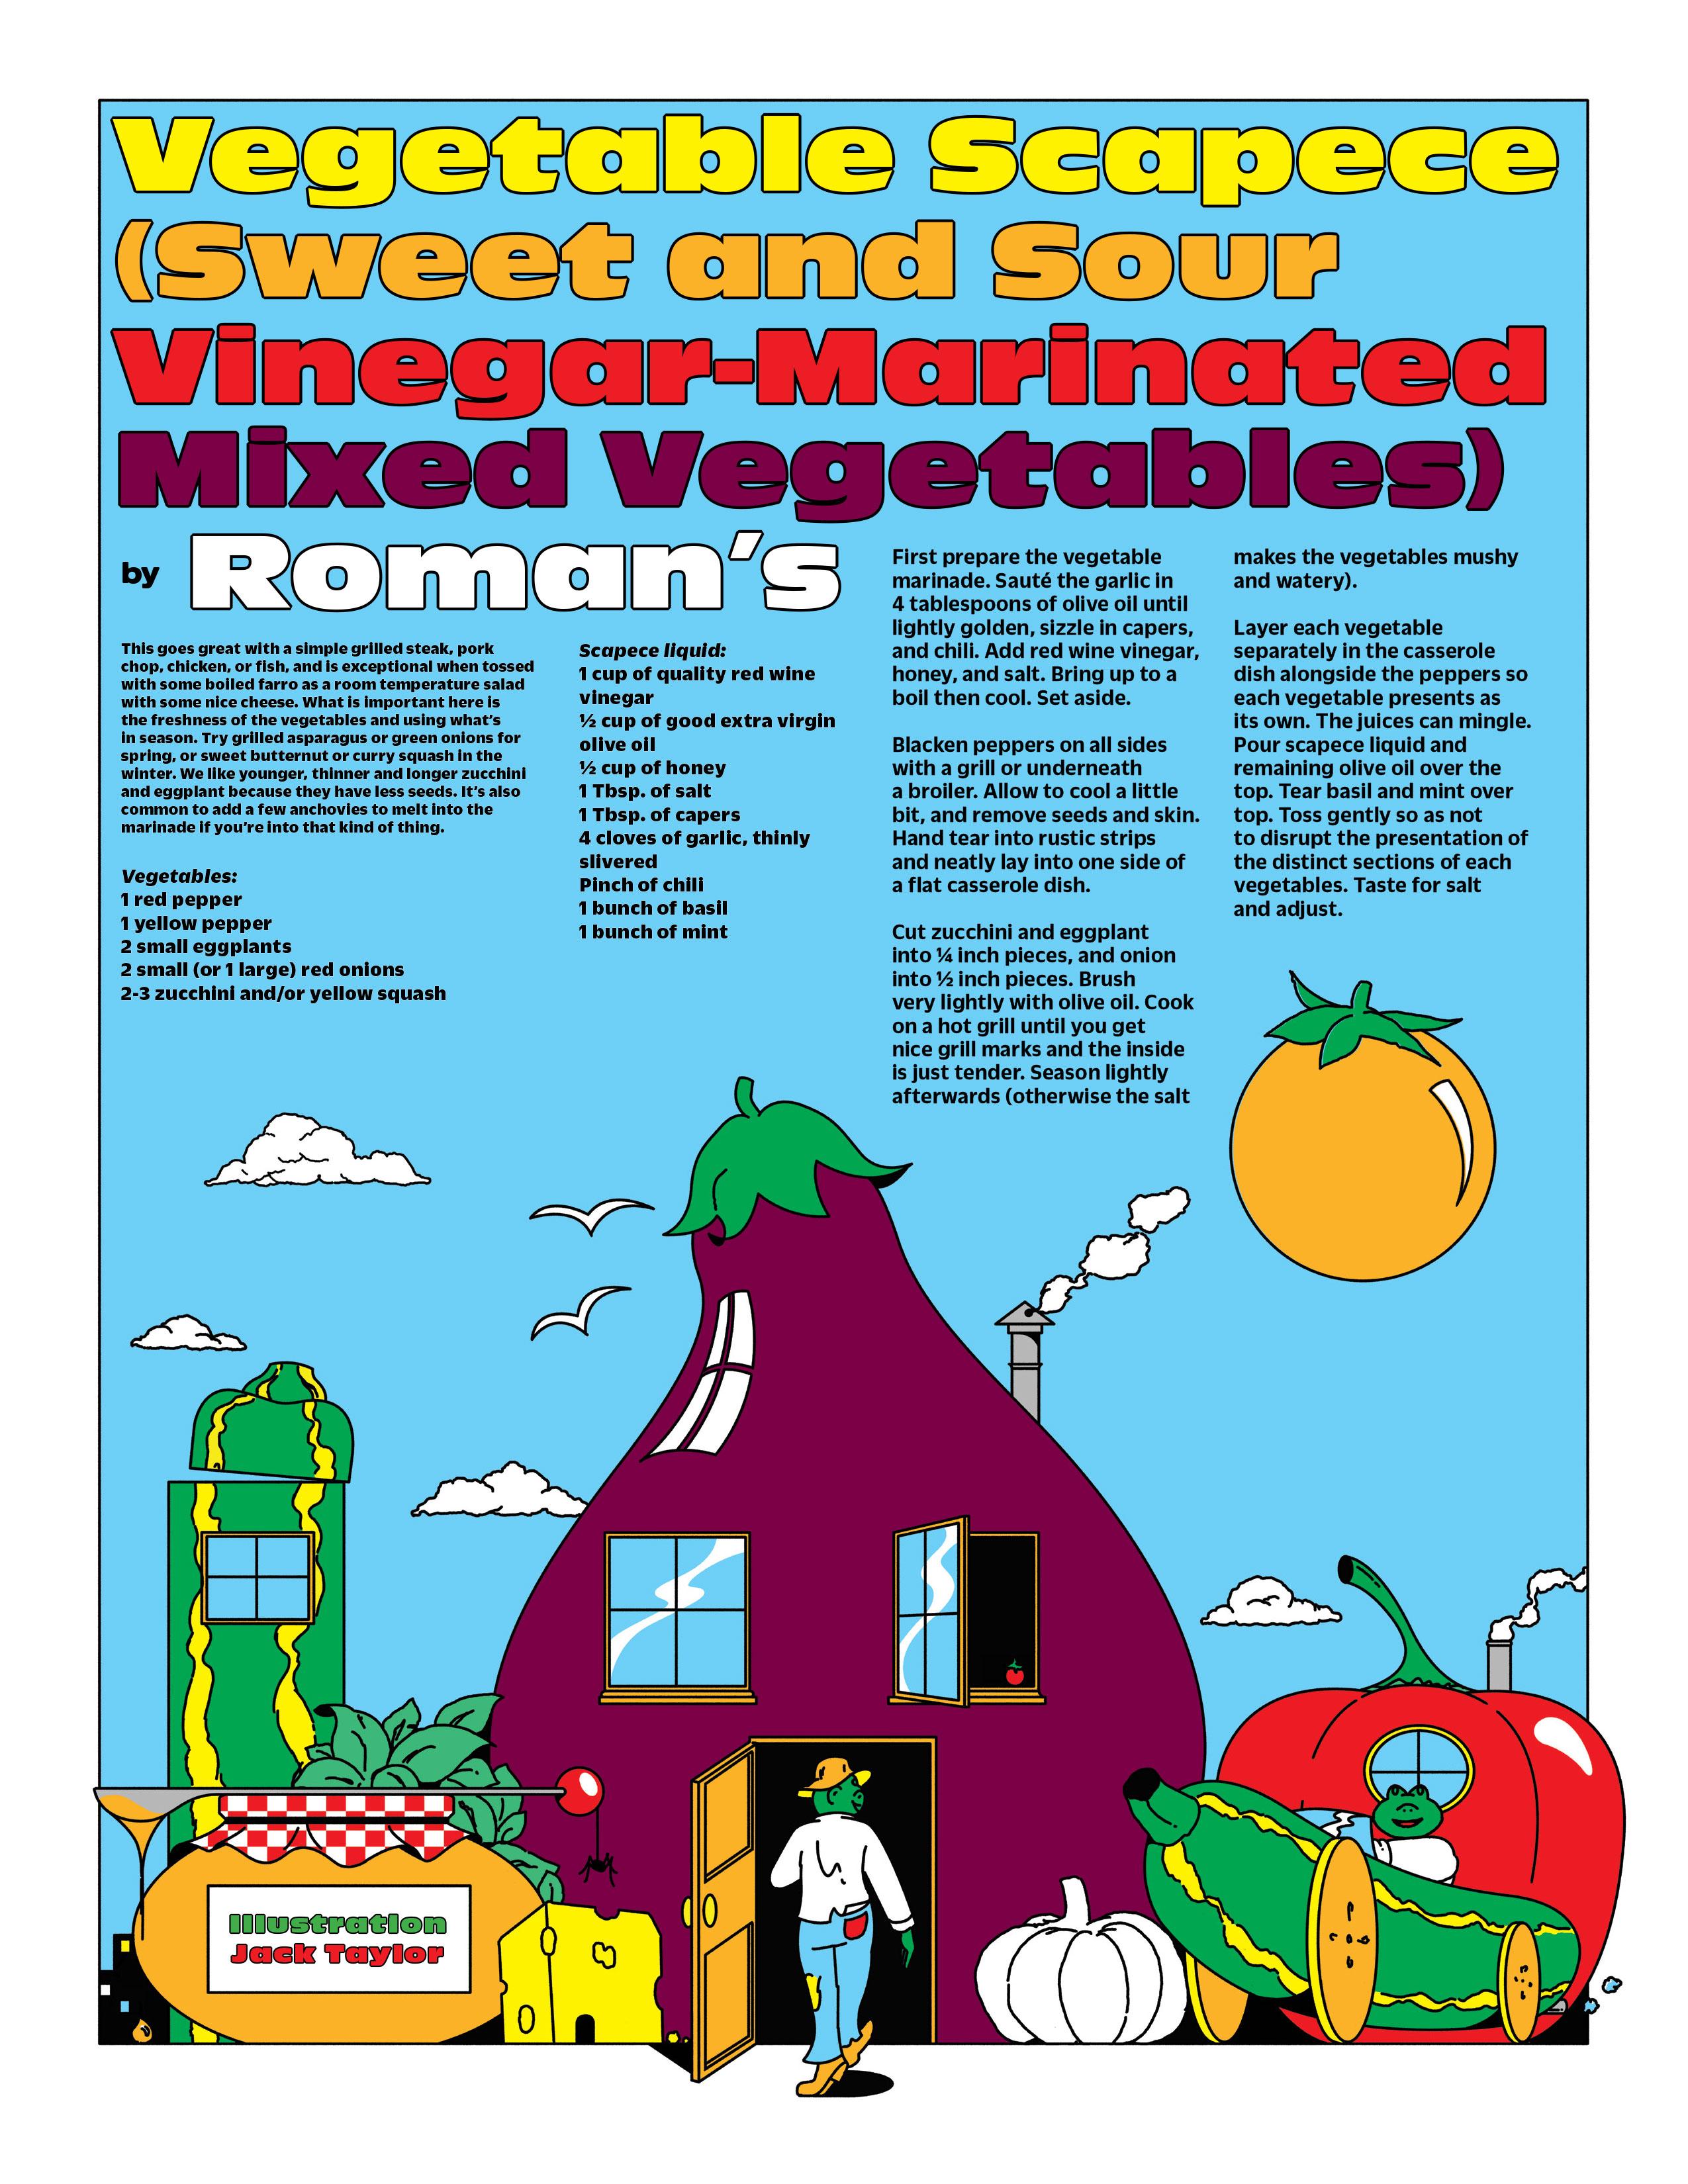 Romans Recipe